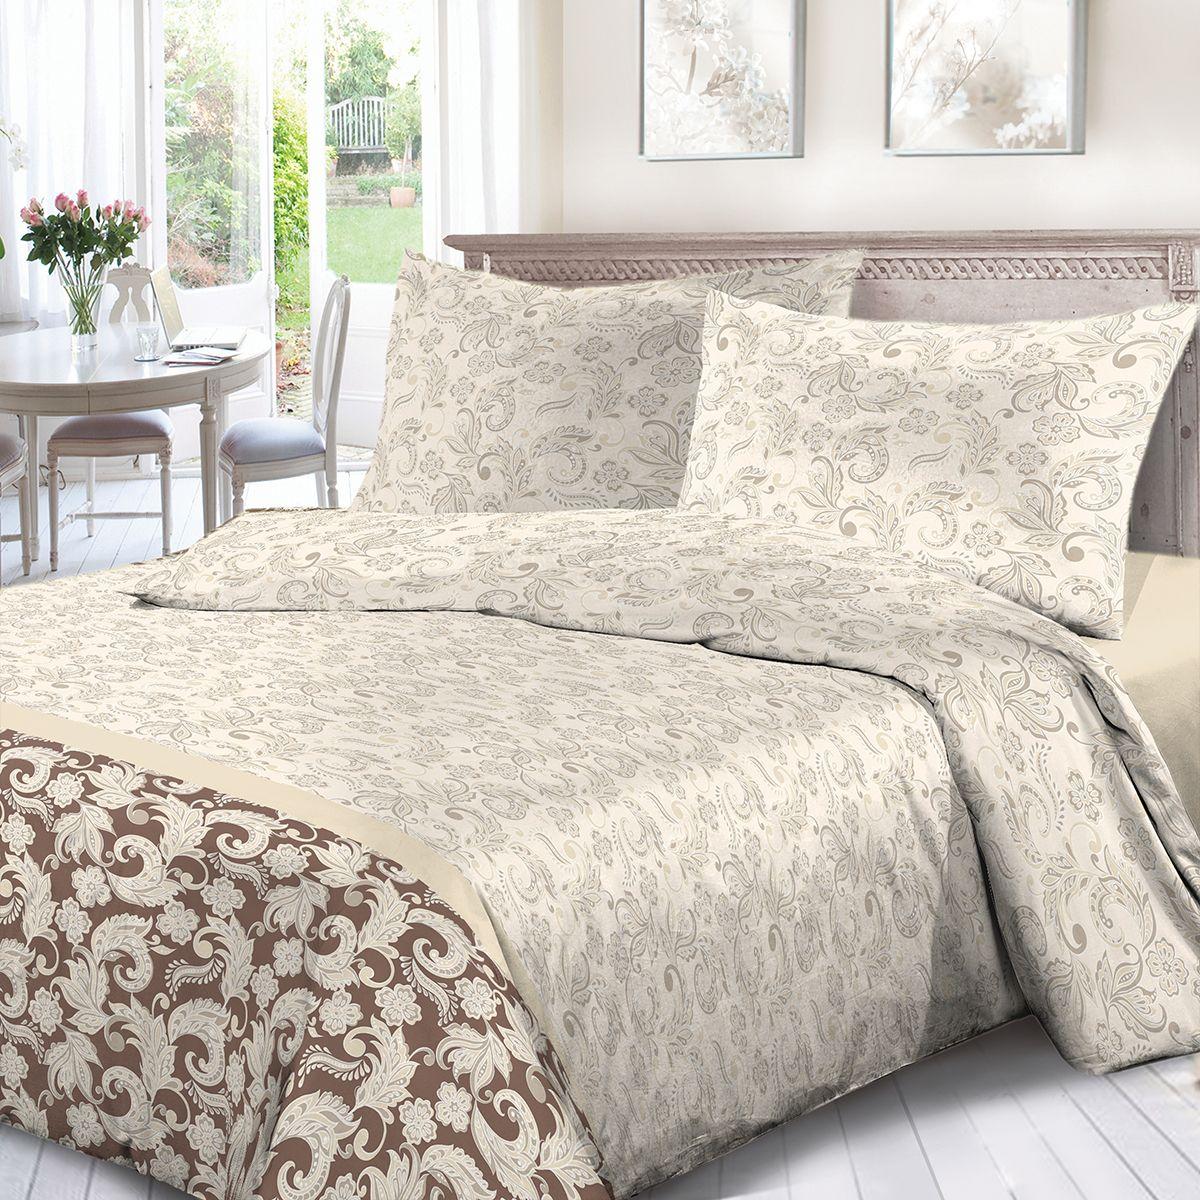 Комплект белья Сорренто Лилиана, 1,5 спальное, наволочки 70x70, цвет: светло-бежевый. 4122-190421